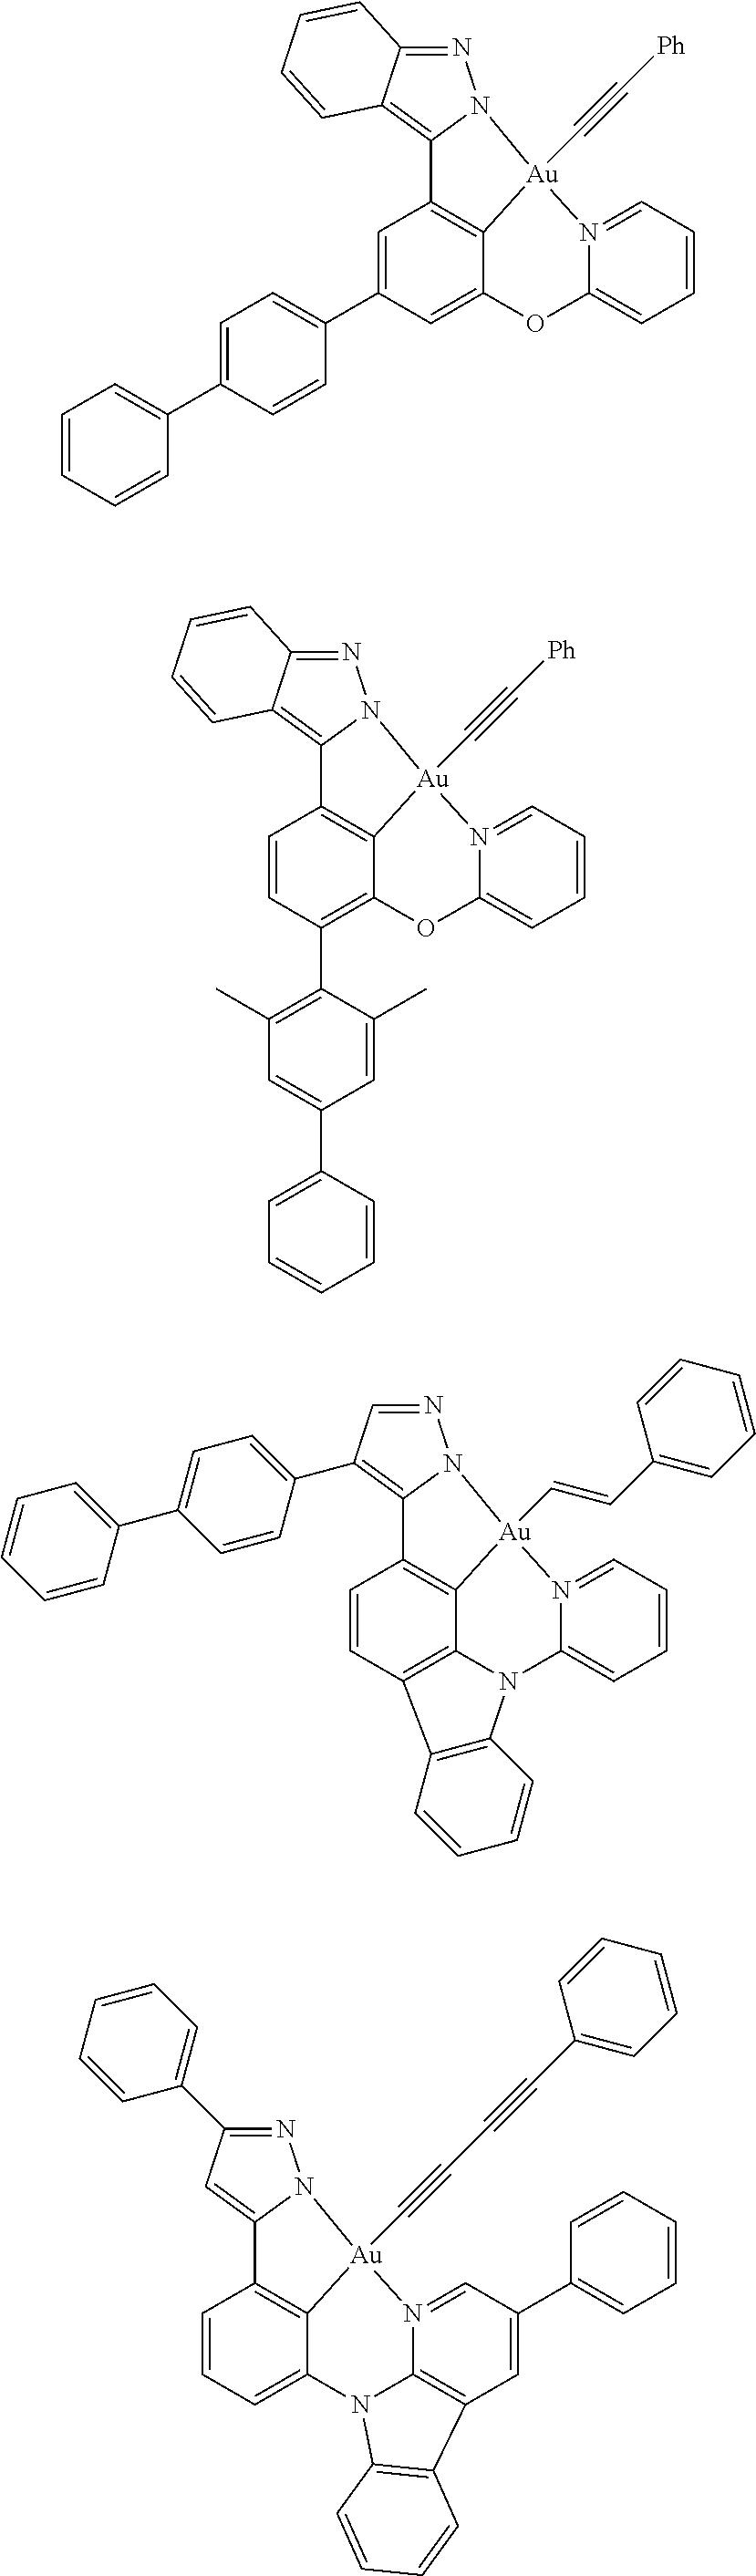 Figure US09818959-20171114-C00233